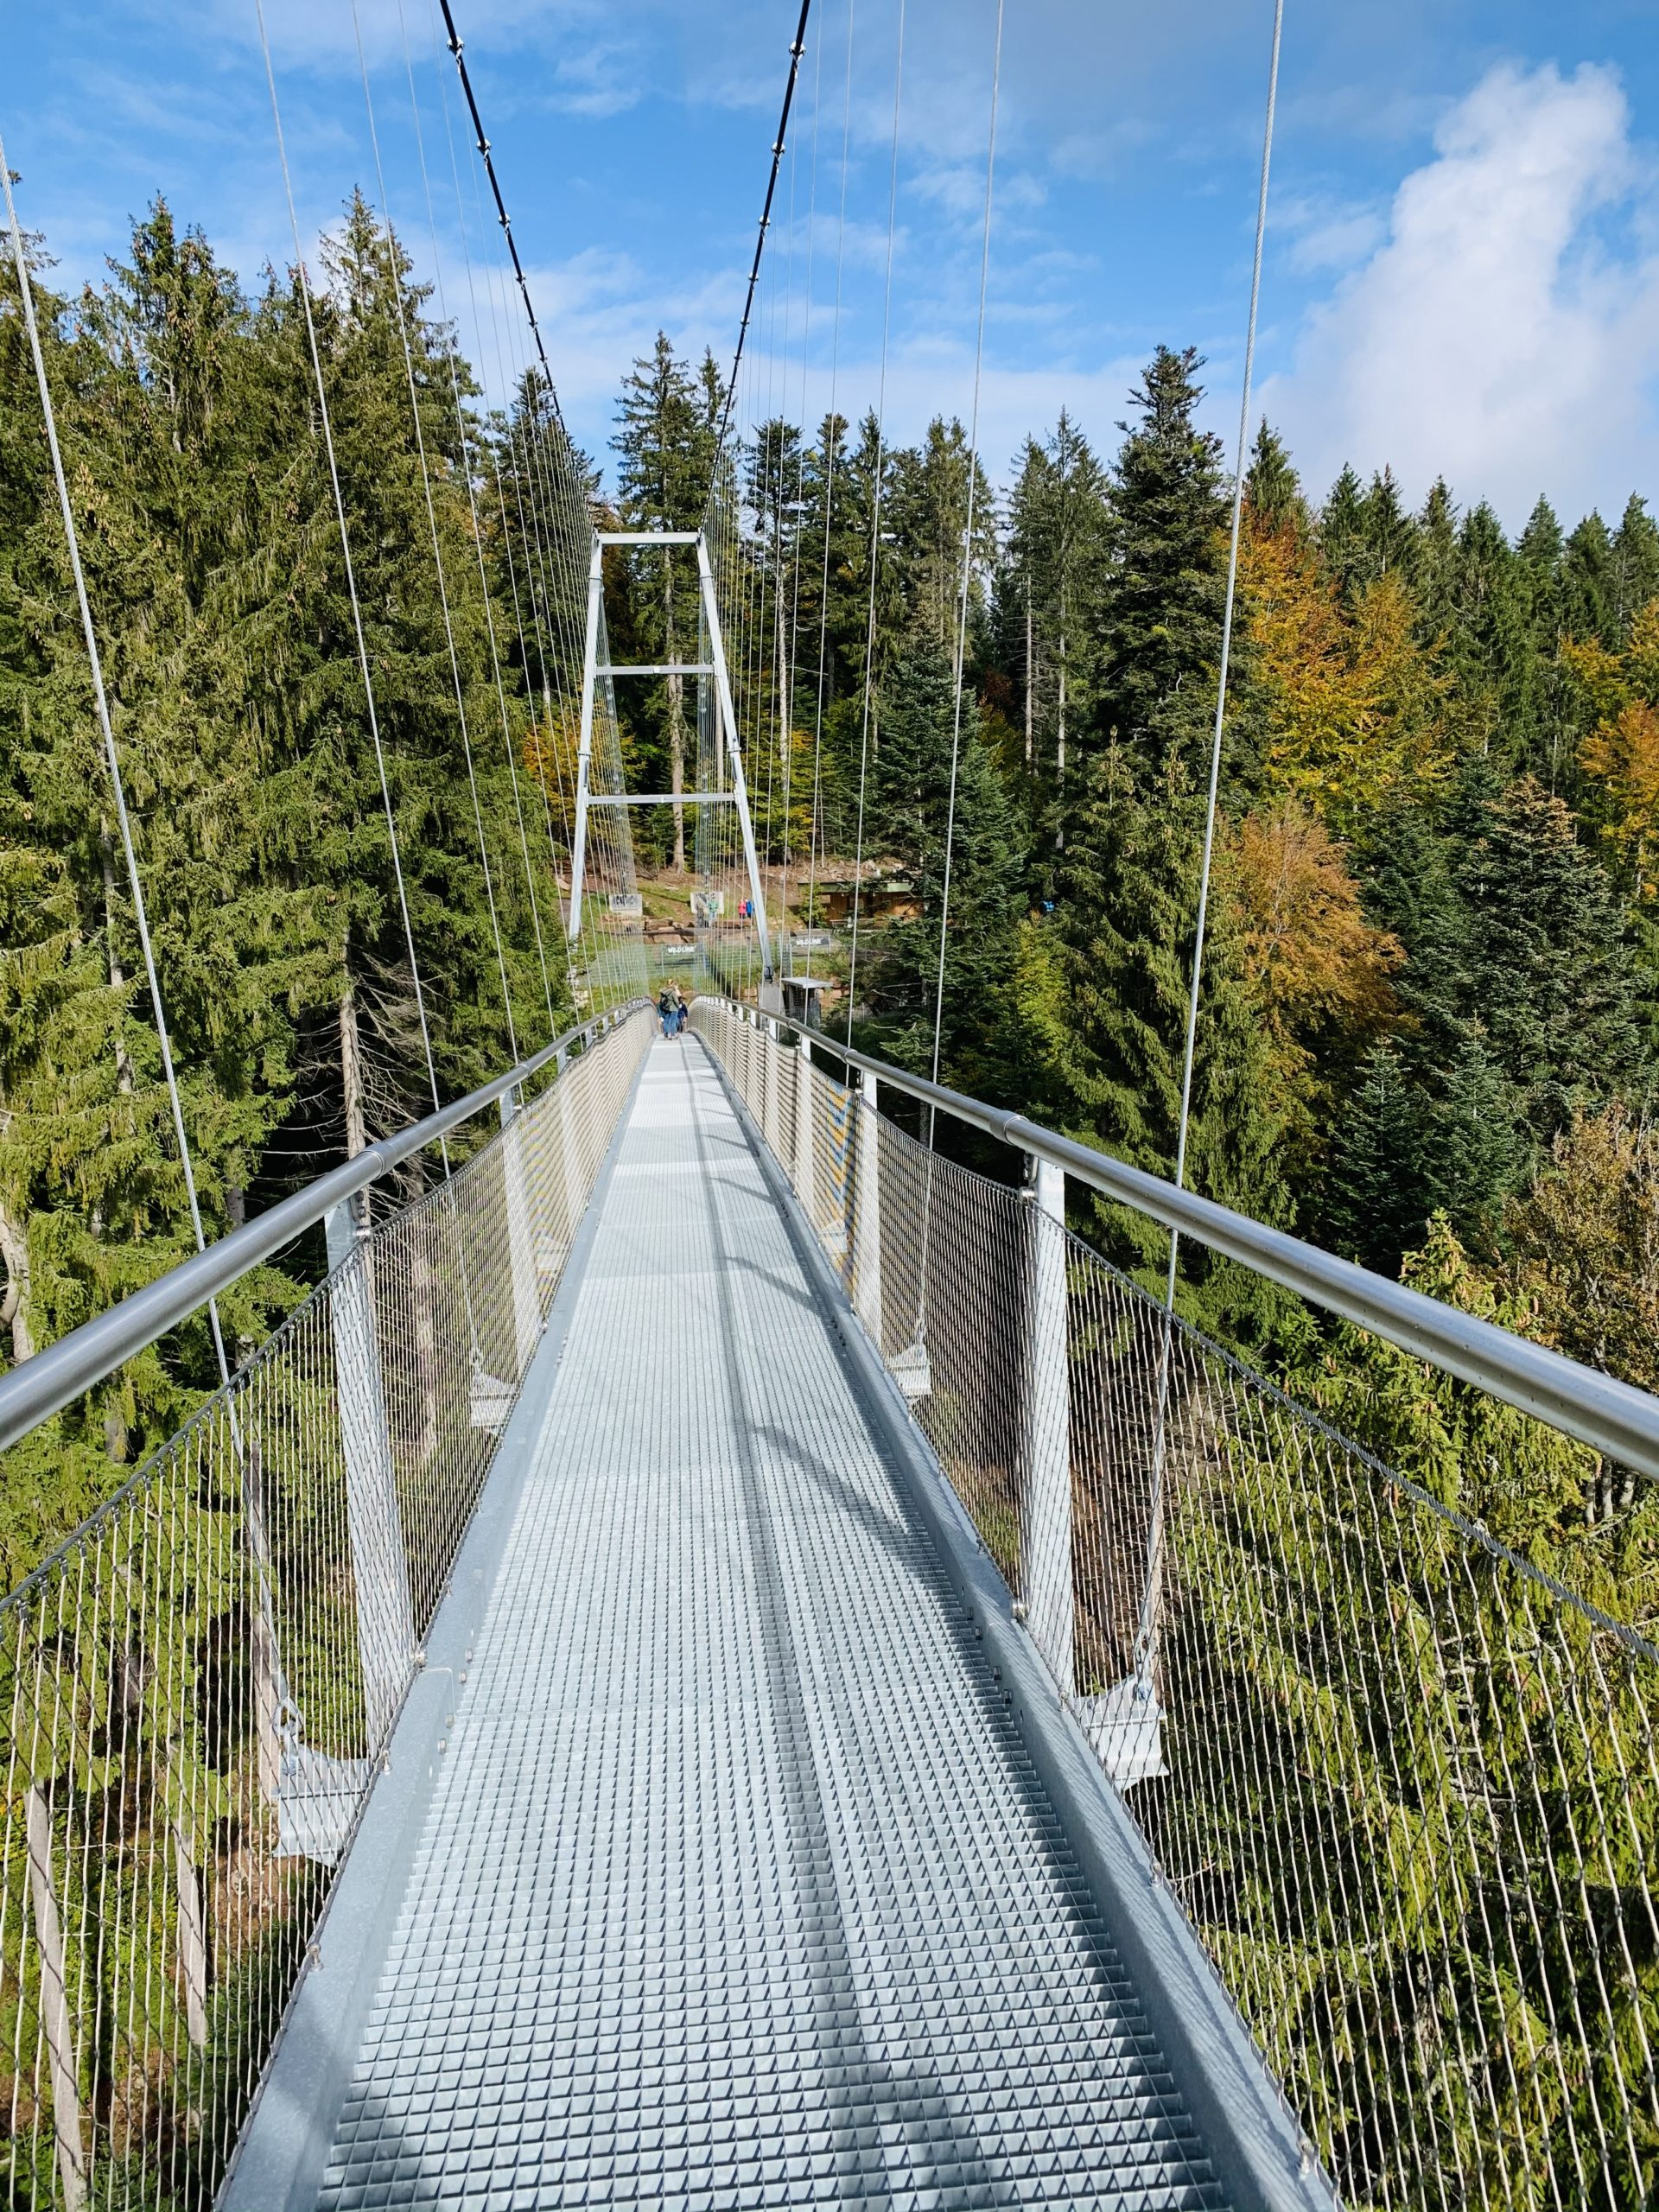 Über den Wipfeln der Schwarzwaldtannen